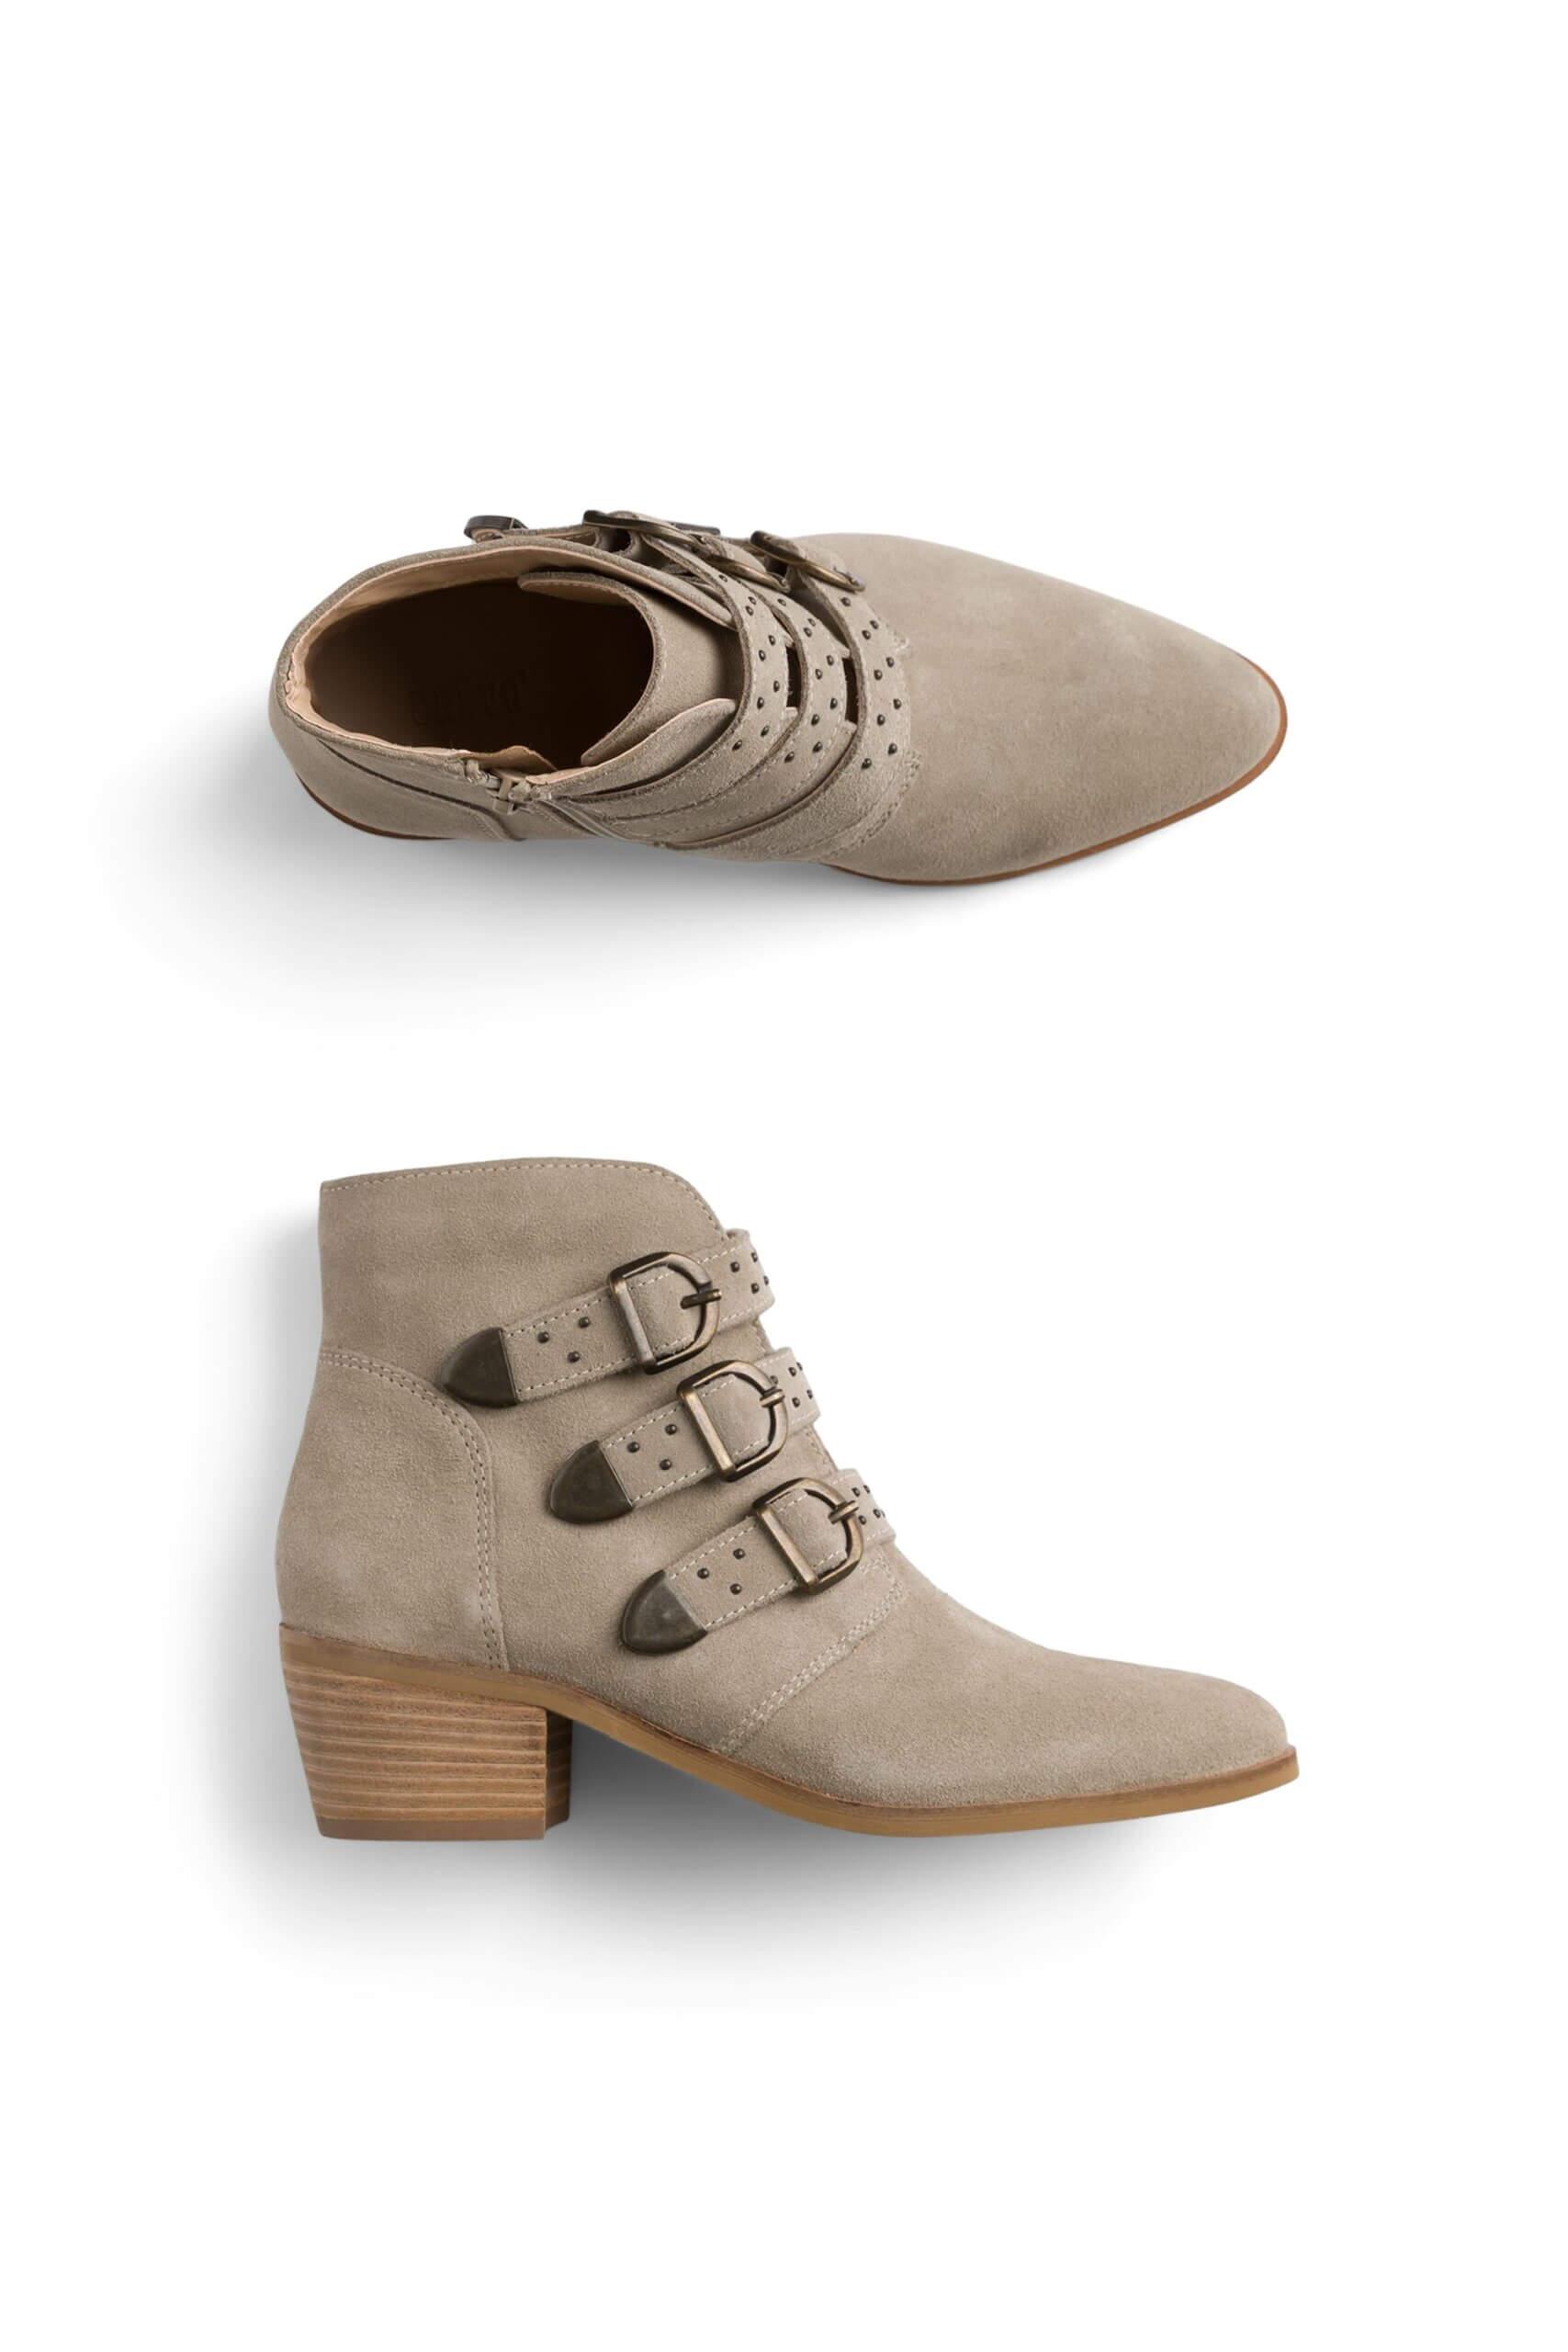 Stitch Fix Women's taupe low block heel booties.